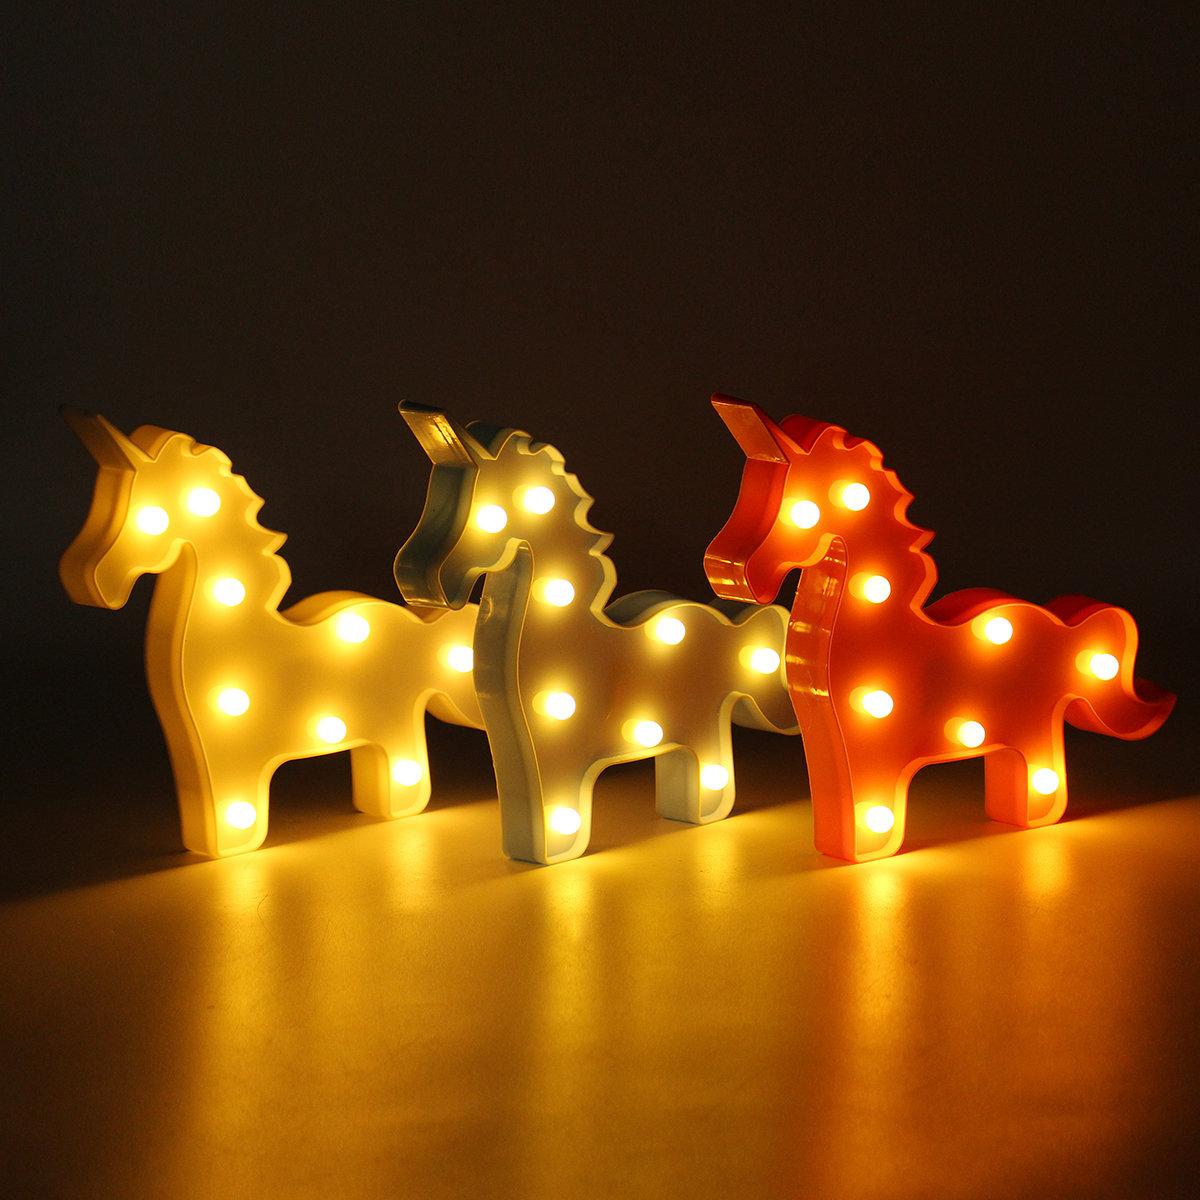 Unicorn LED Night Light Battery Lamp Baby Kids Bedroom Living Room Home Decor